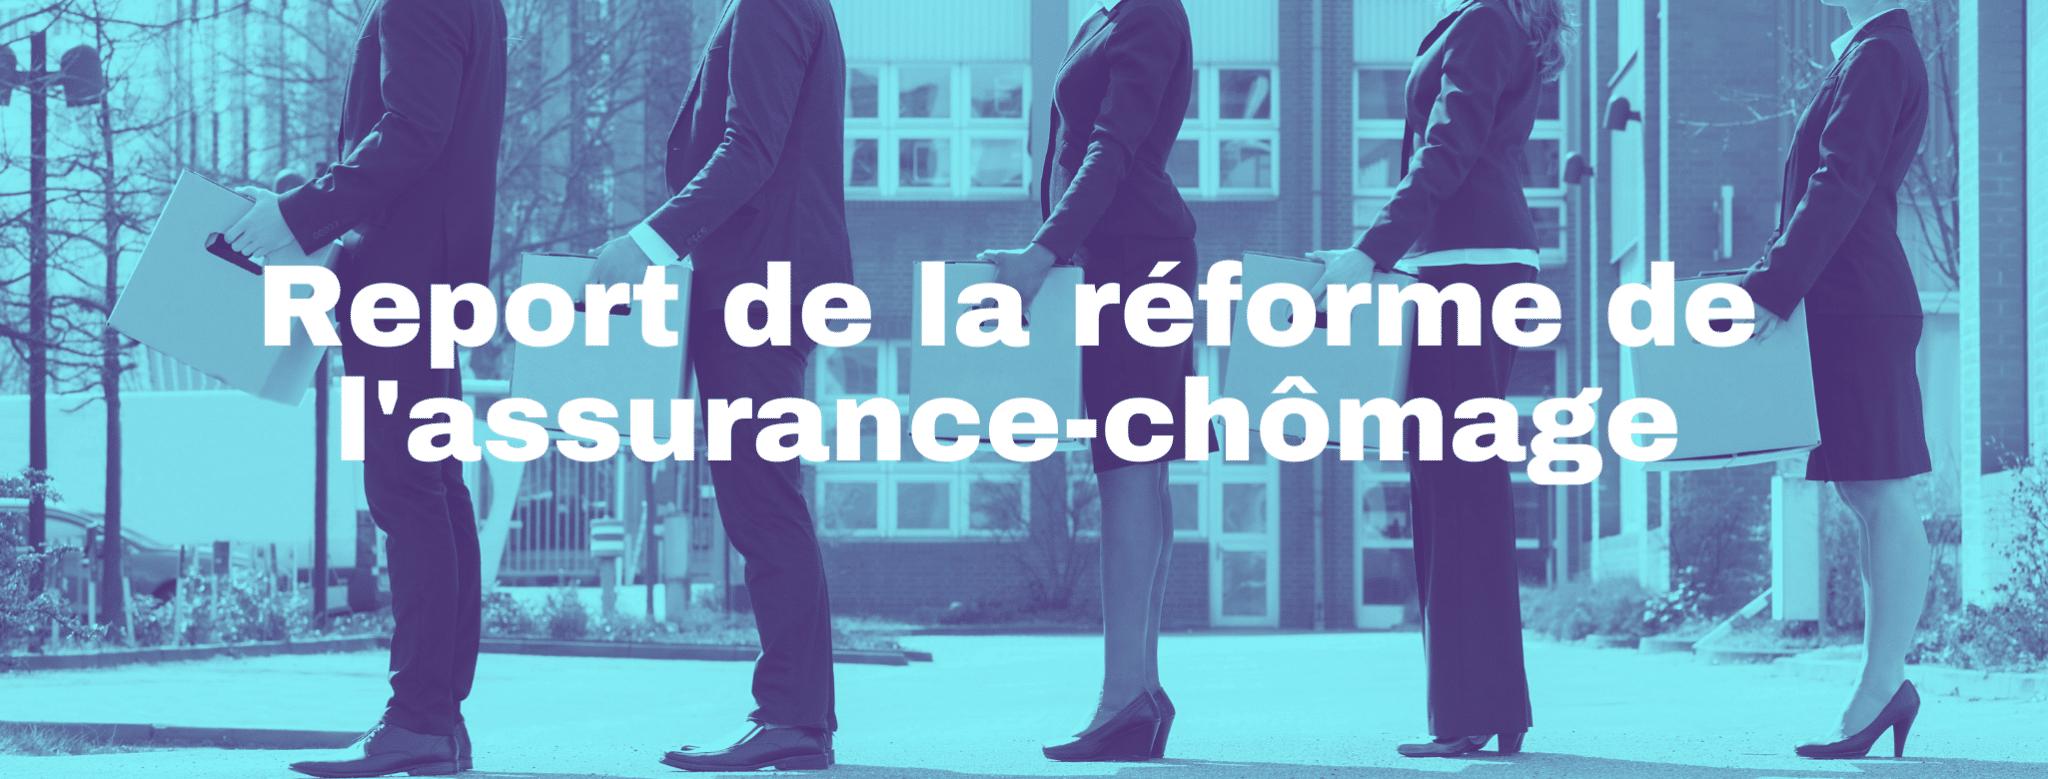 Report de la réforme de l'assurance-chômage